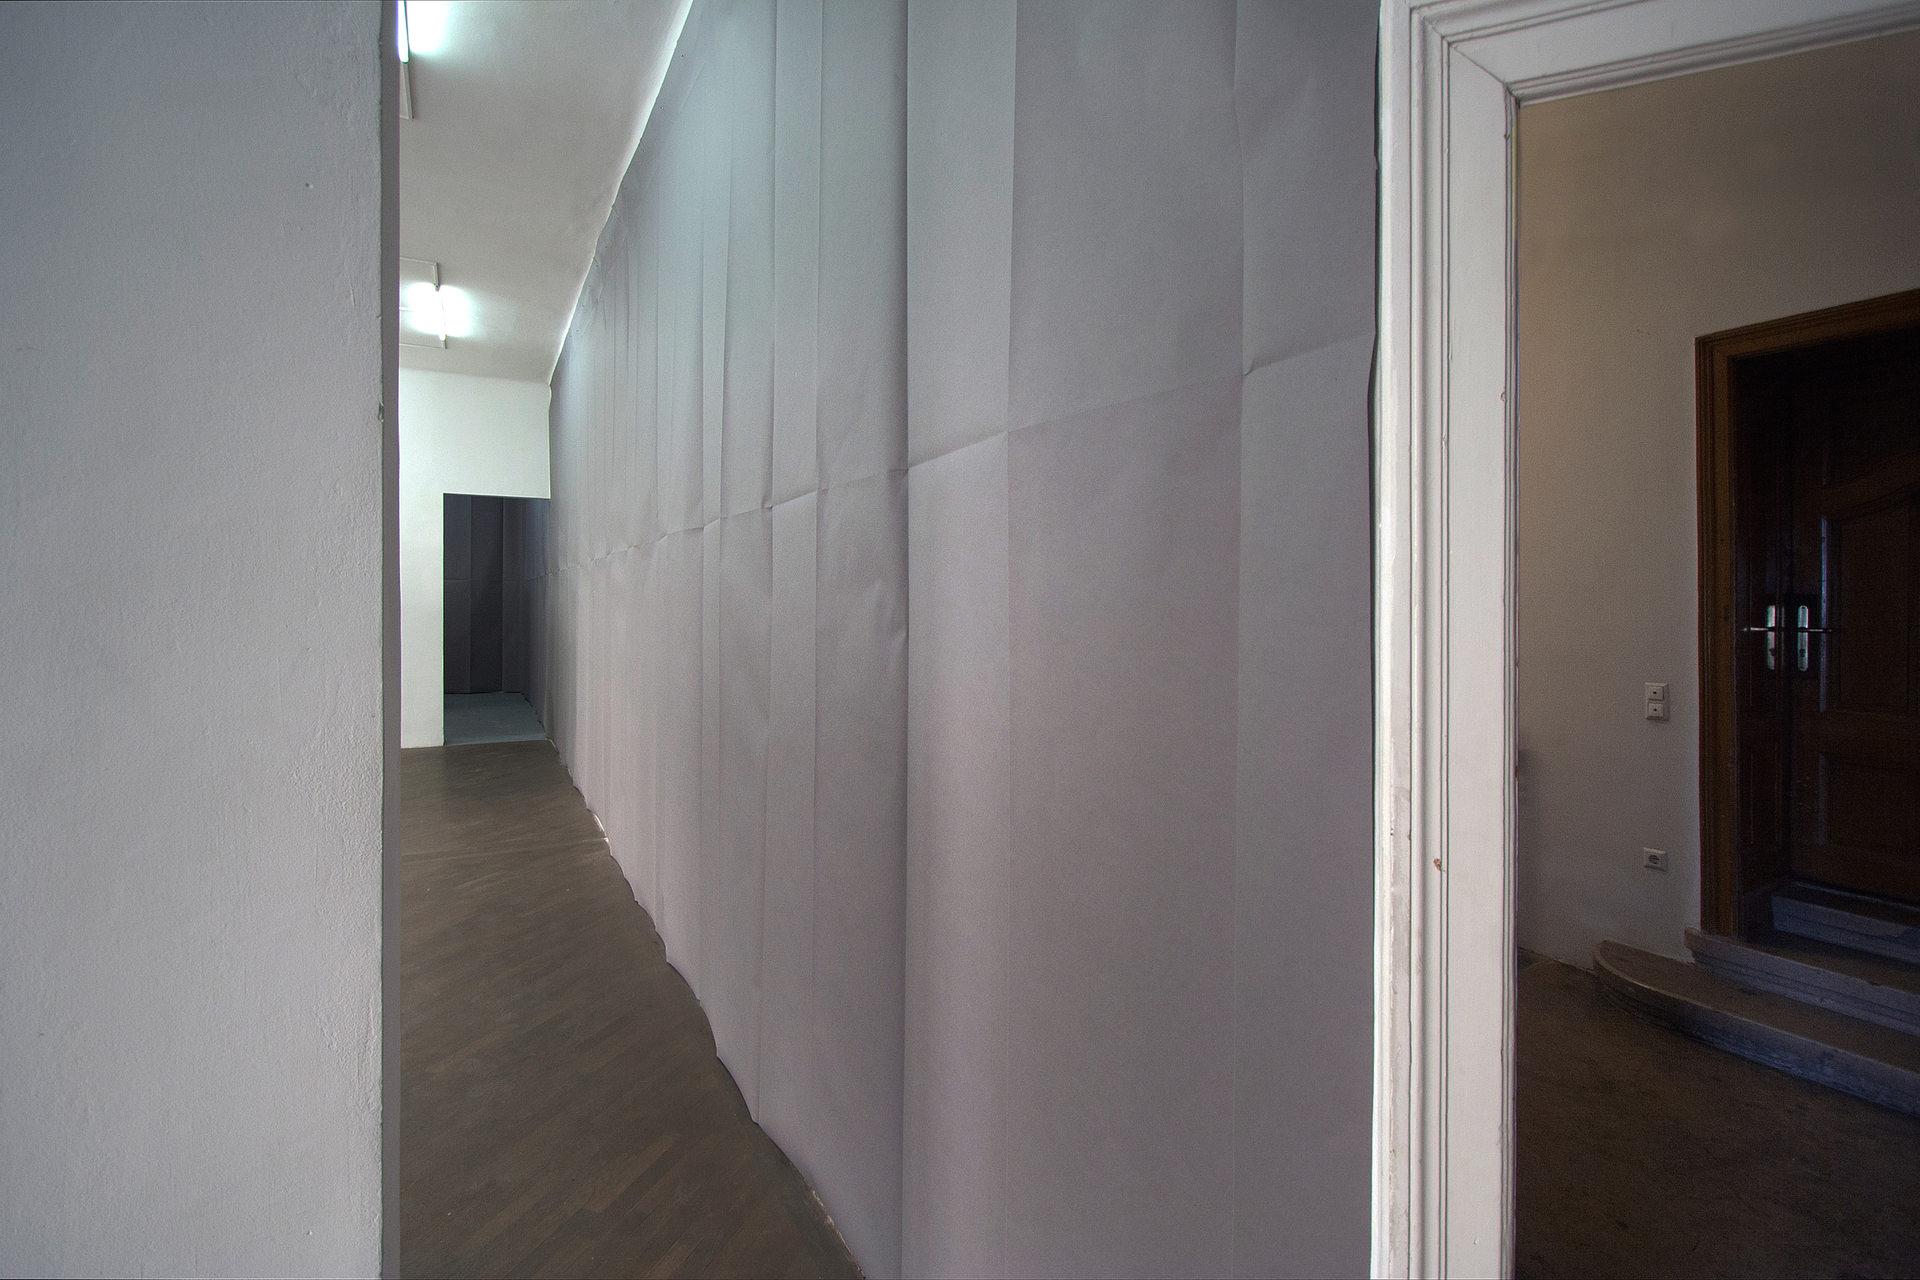 #2-Gerber_McArthur_Nutt_-final-installation-view